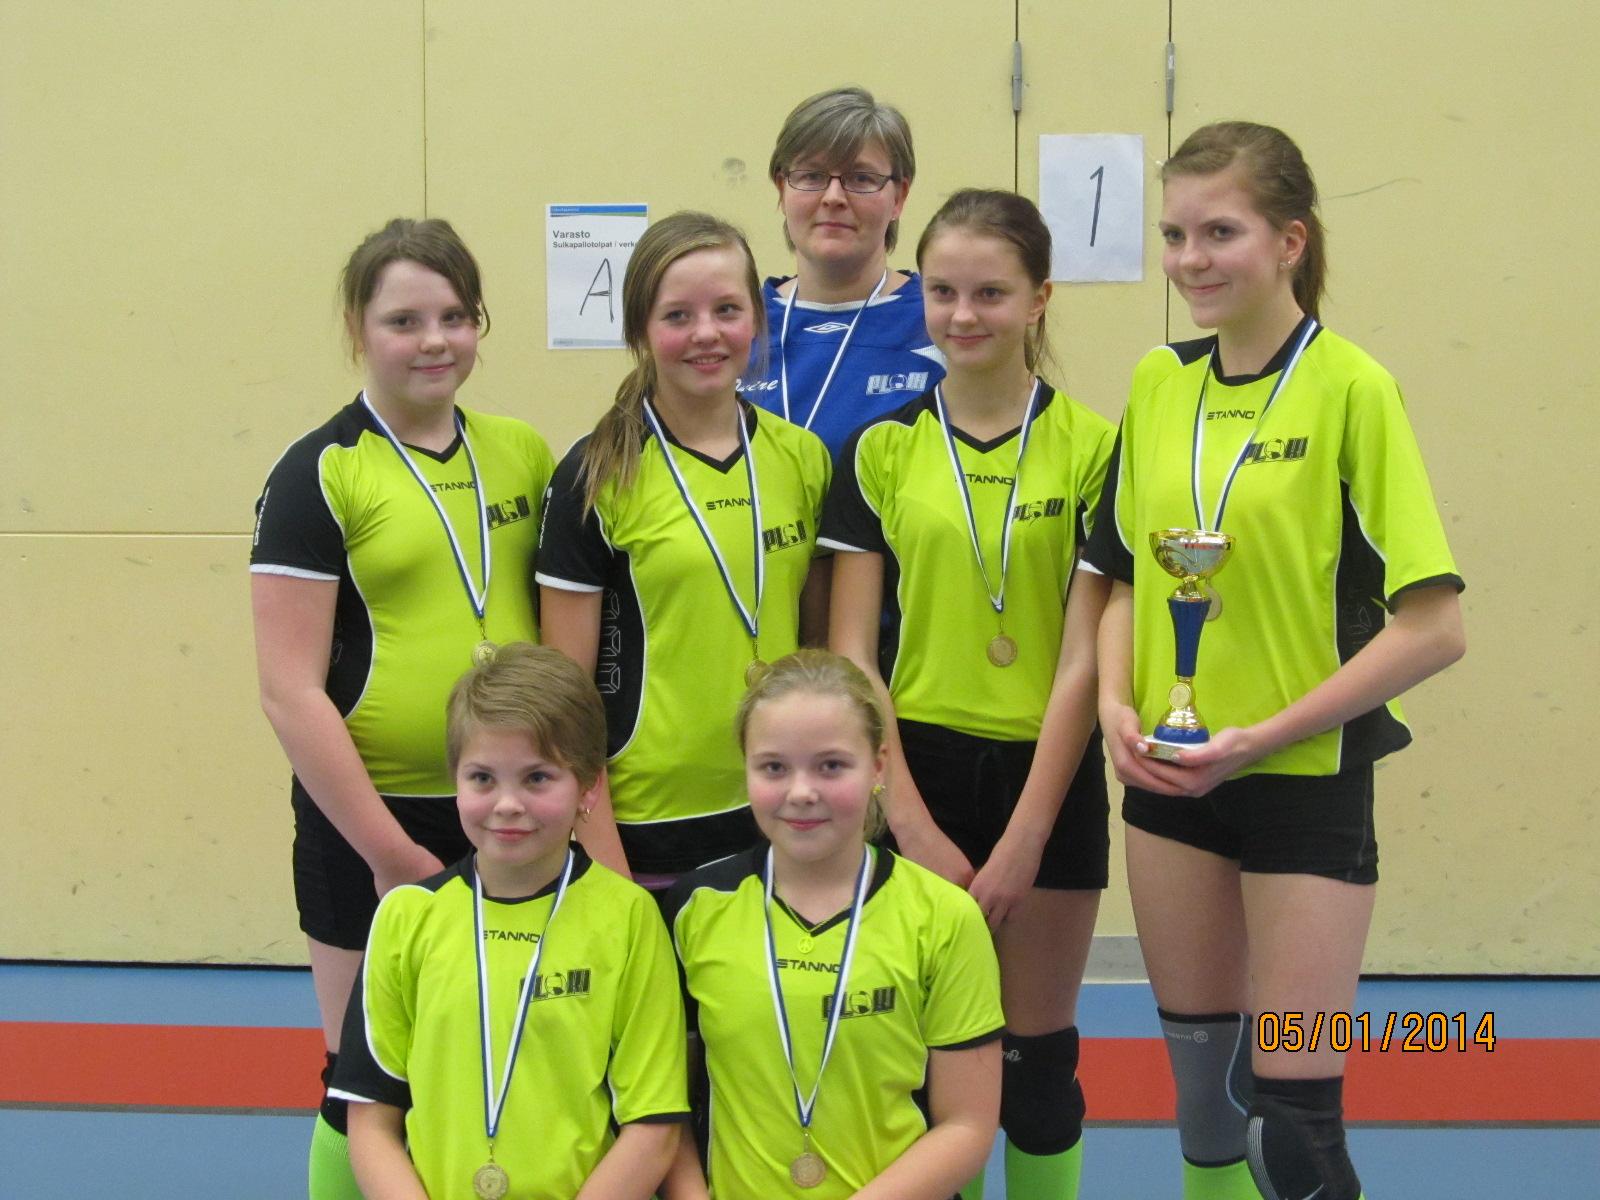 D-tyttöjen kultajoukkue Jyväskylässä 5.1.2014